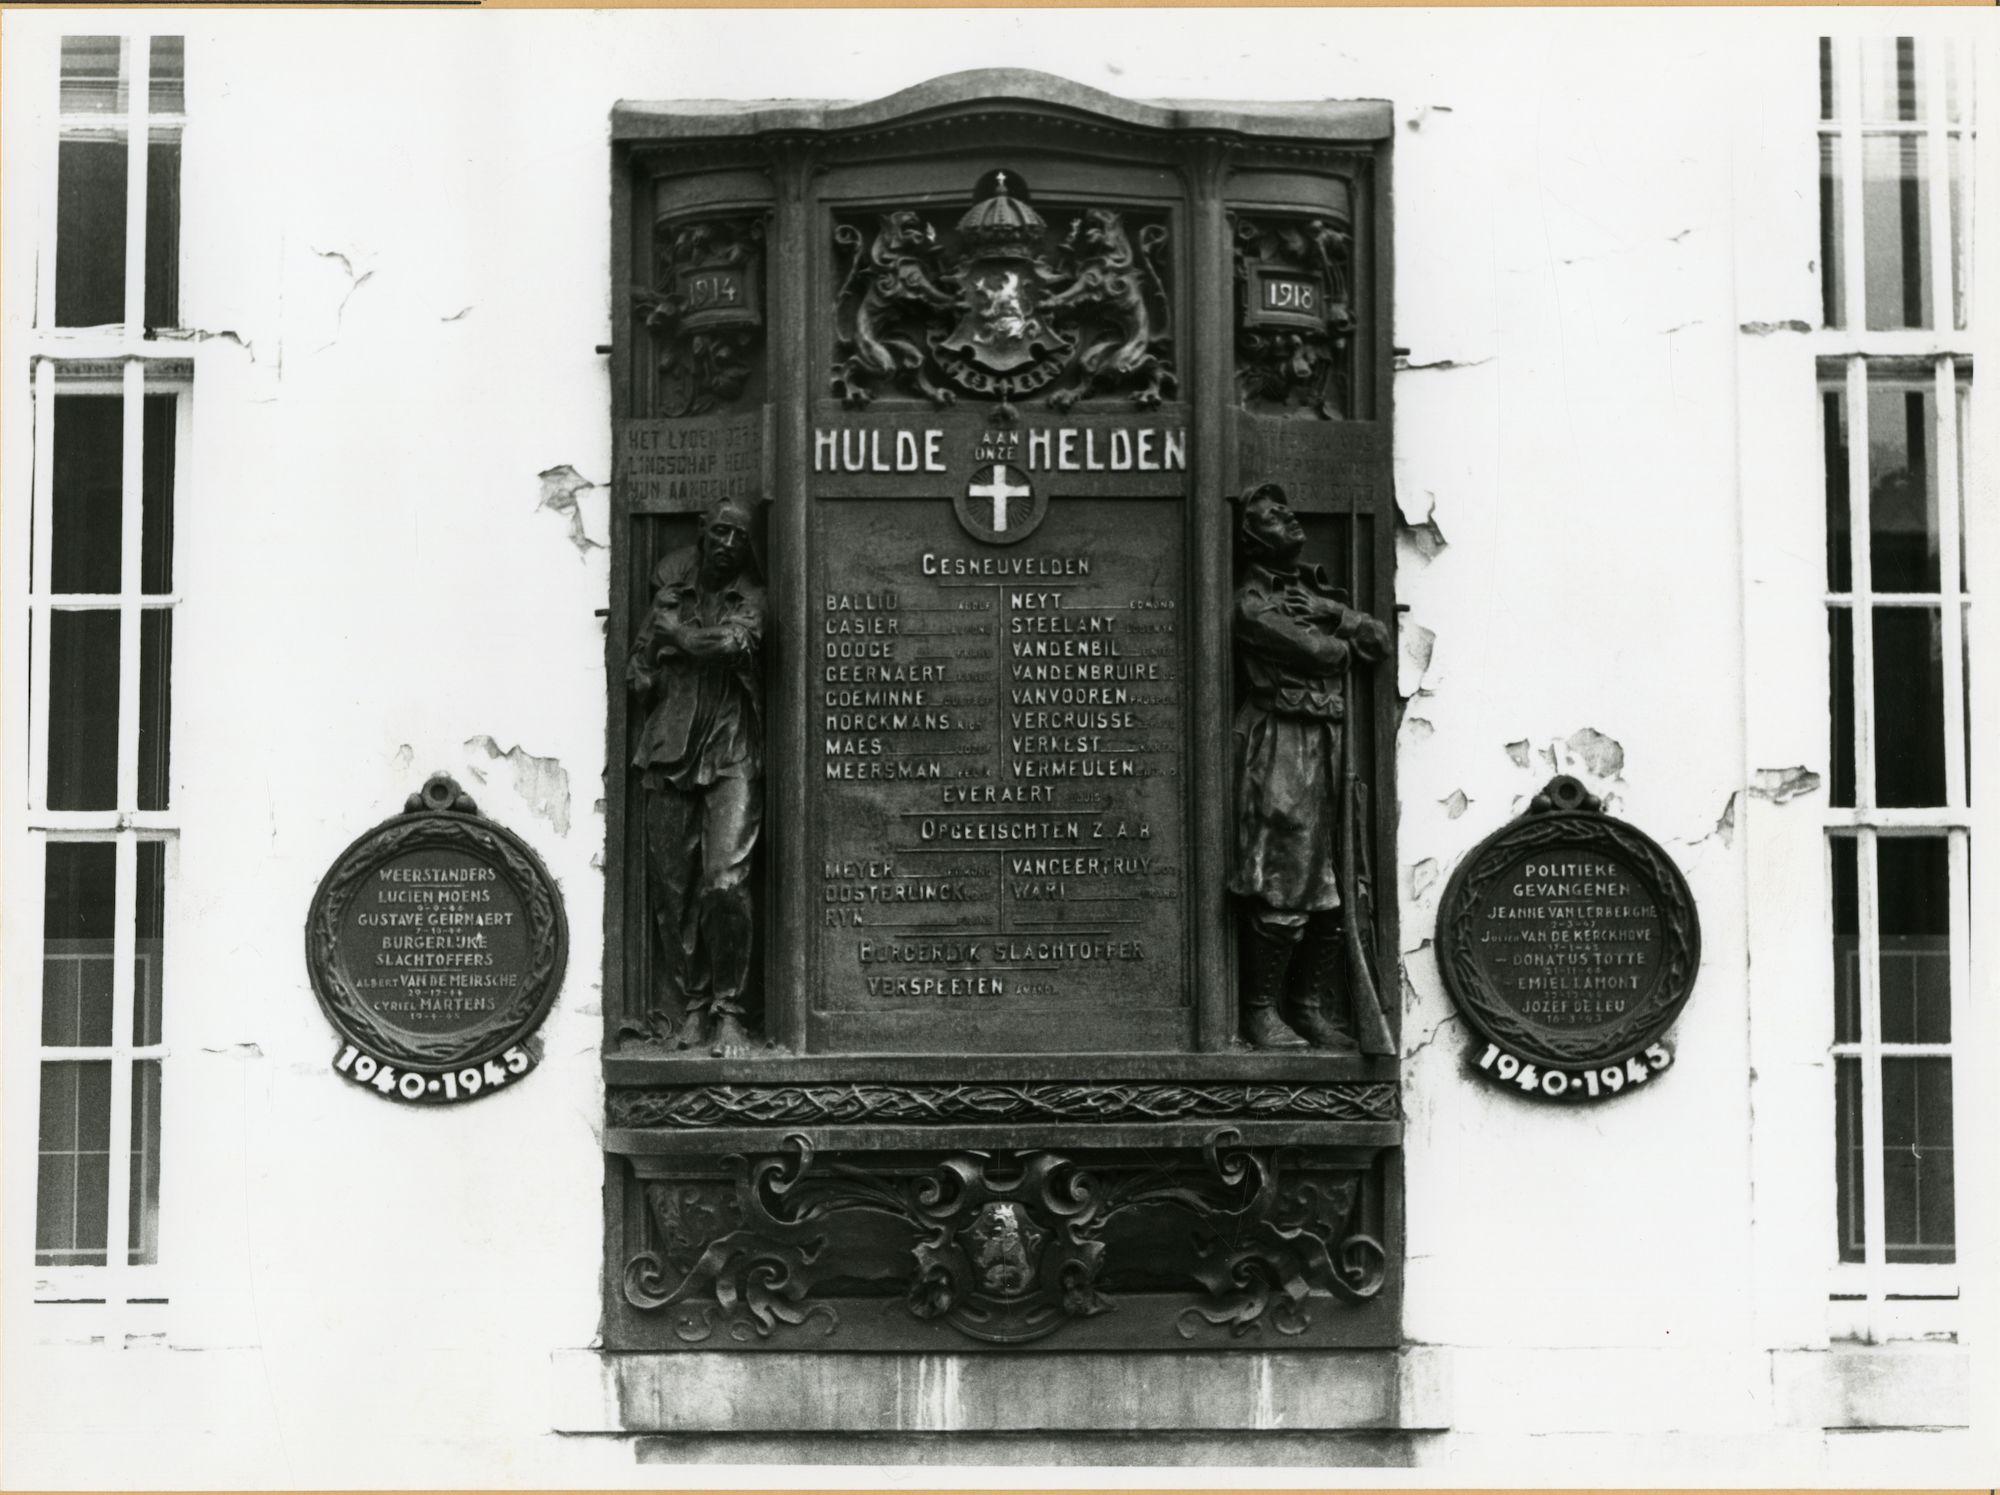 Gent: Geldmunt 19: oorlogsmonument voor de Eerste en Tweede Wereldoorlog